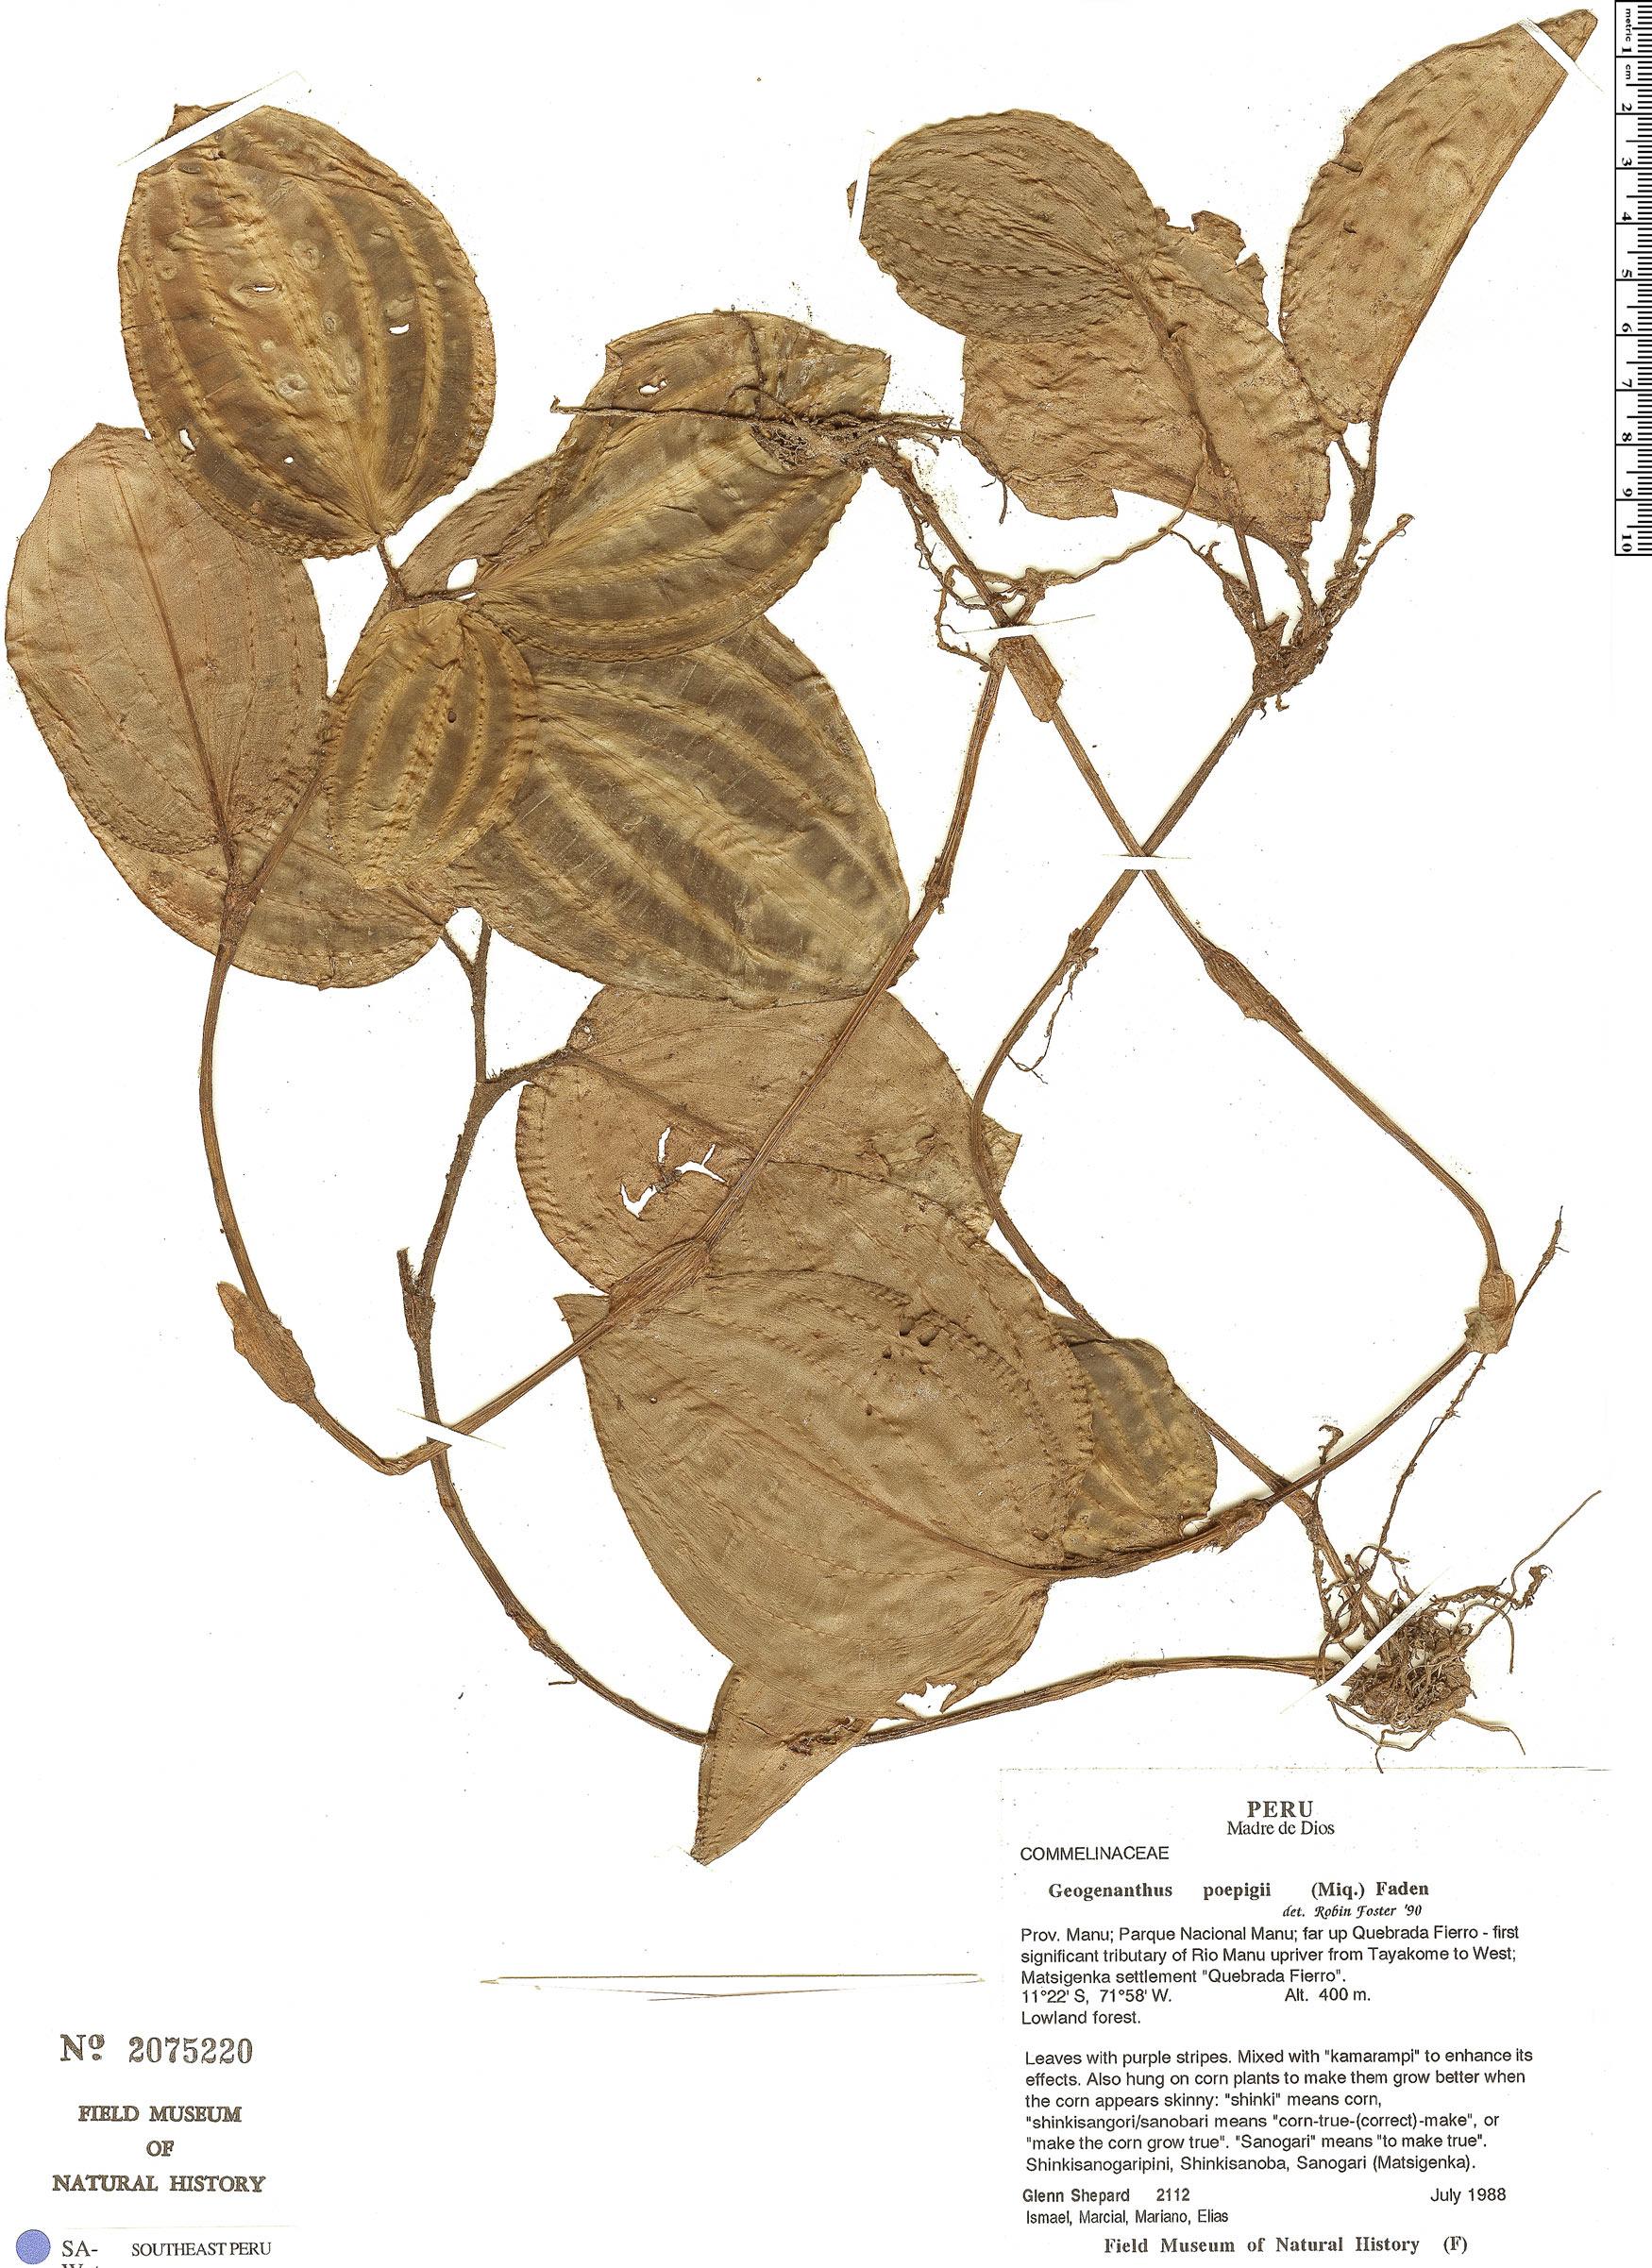 Specimen: Geogenanthus poeppigii